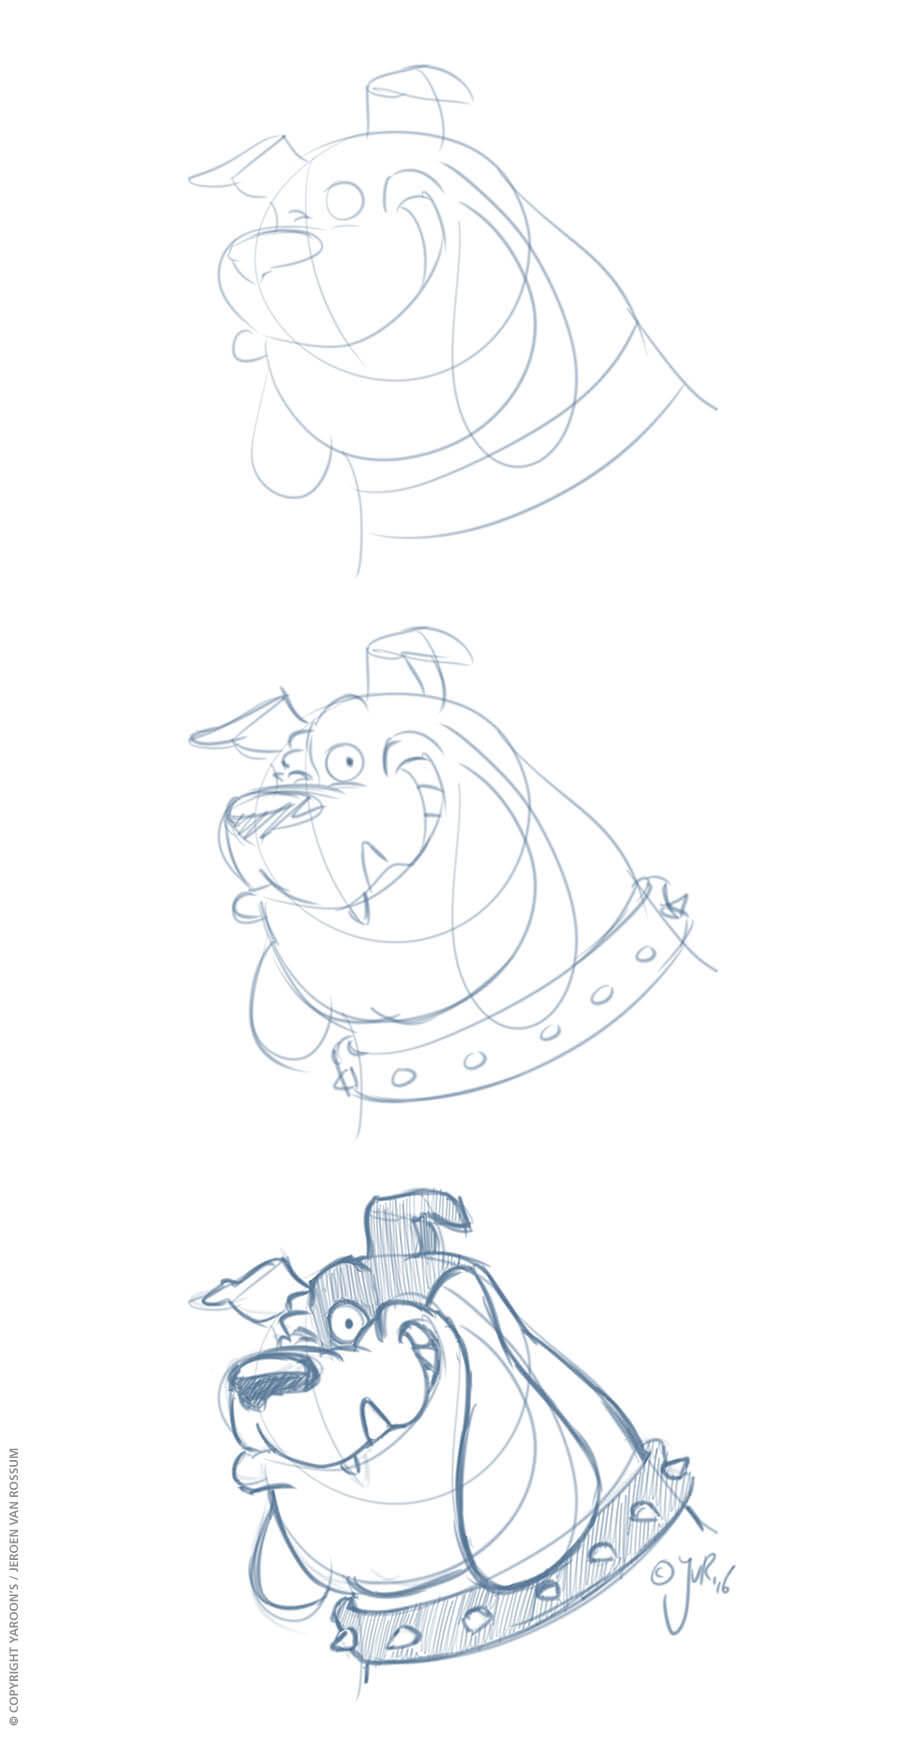 Schetsontwerp, progressie van Buster die een knipoog geeft